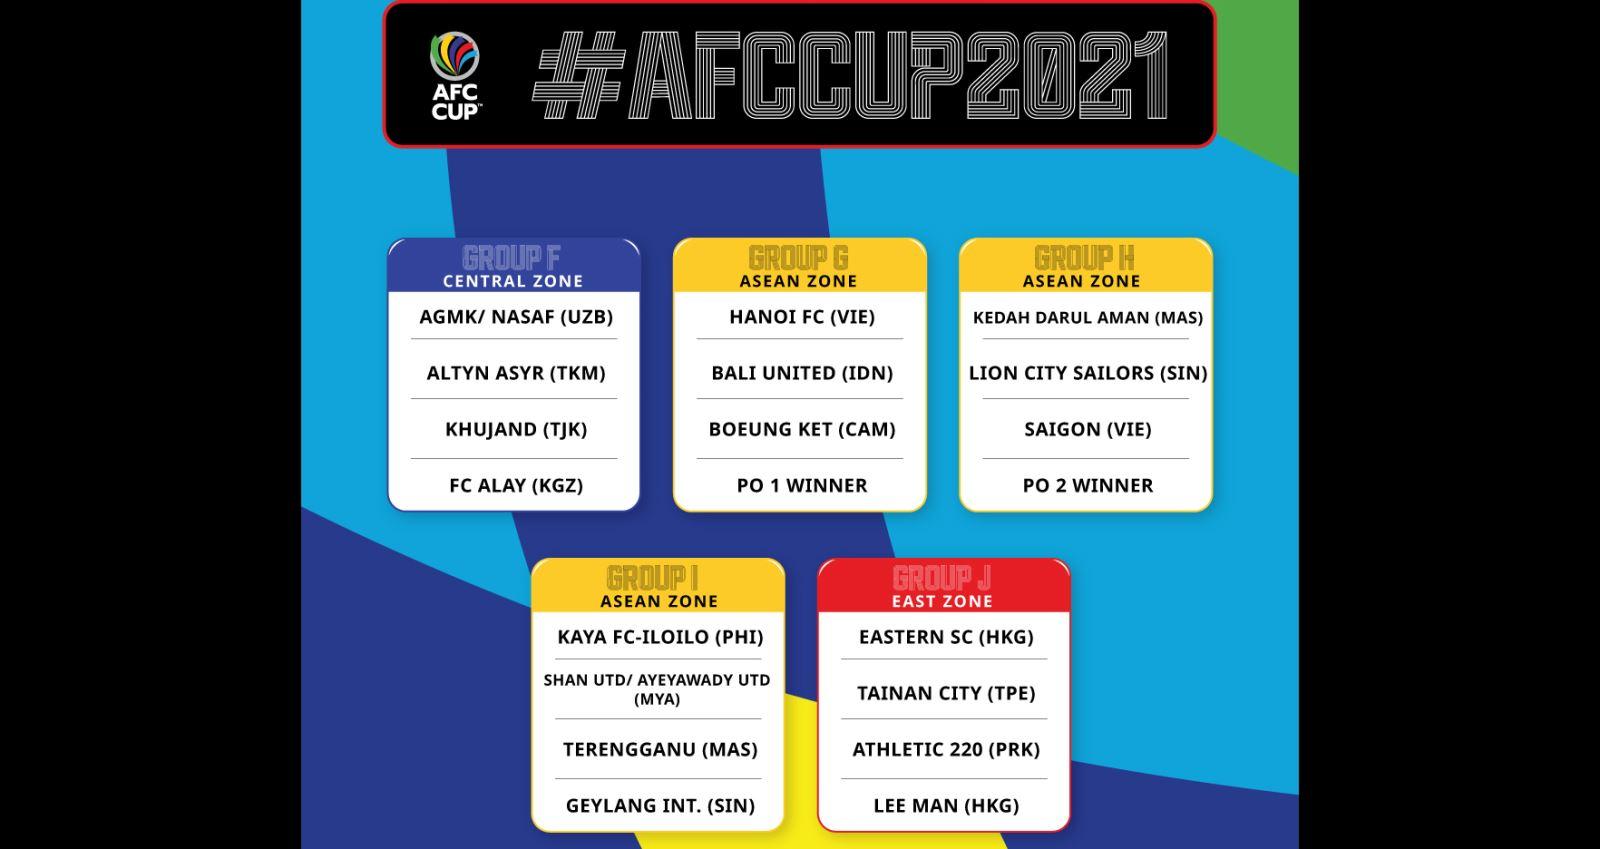 bóng đá, bong da, AFC Cup, Hà Nội FC, Sài Gòn FC, lịch thi đấu, lịch thi đấu bóng đá